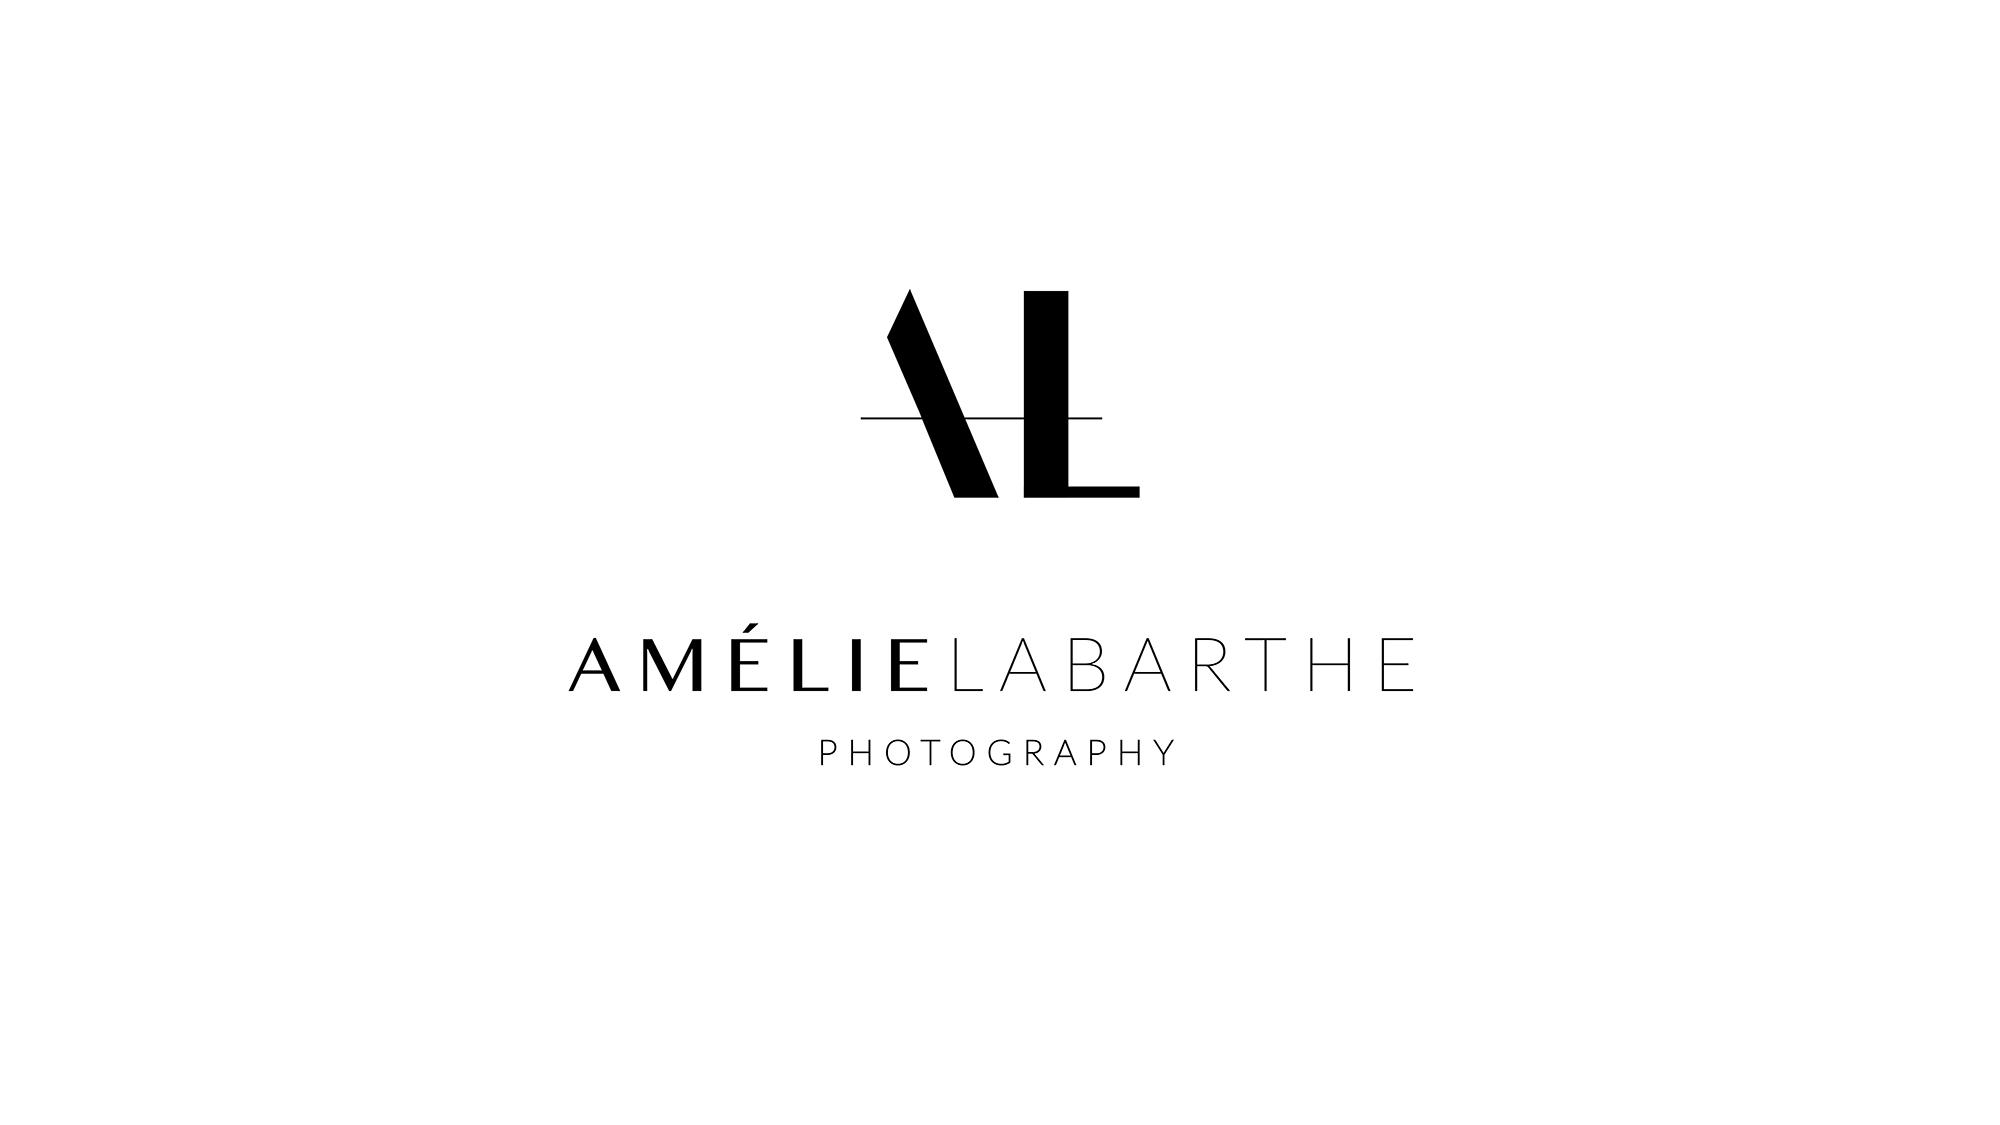 Amélie Labarthe Photography